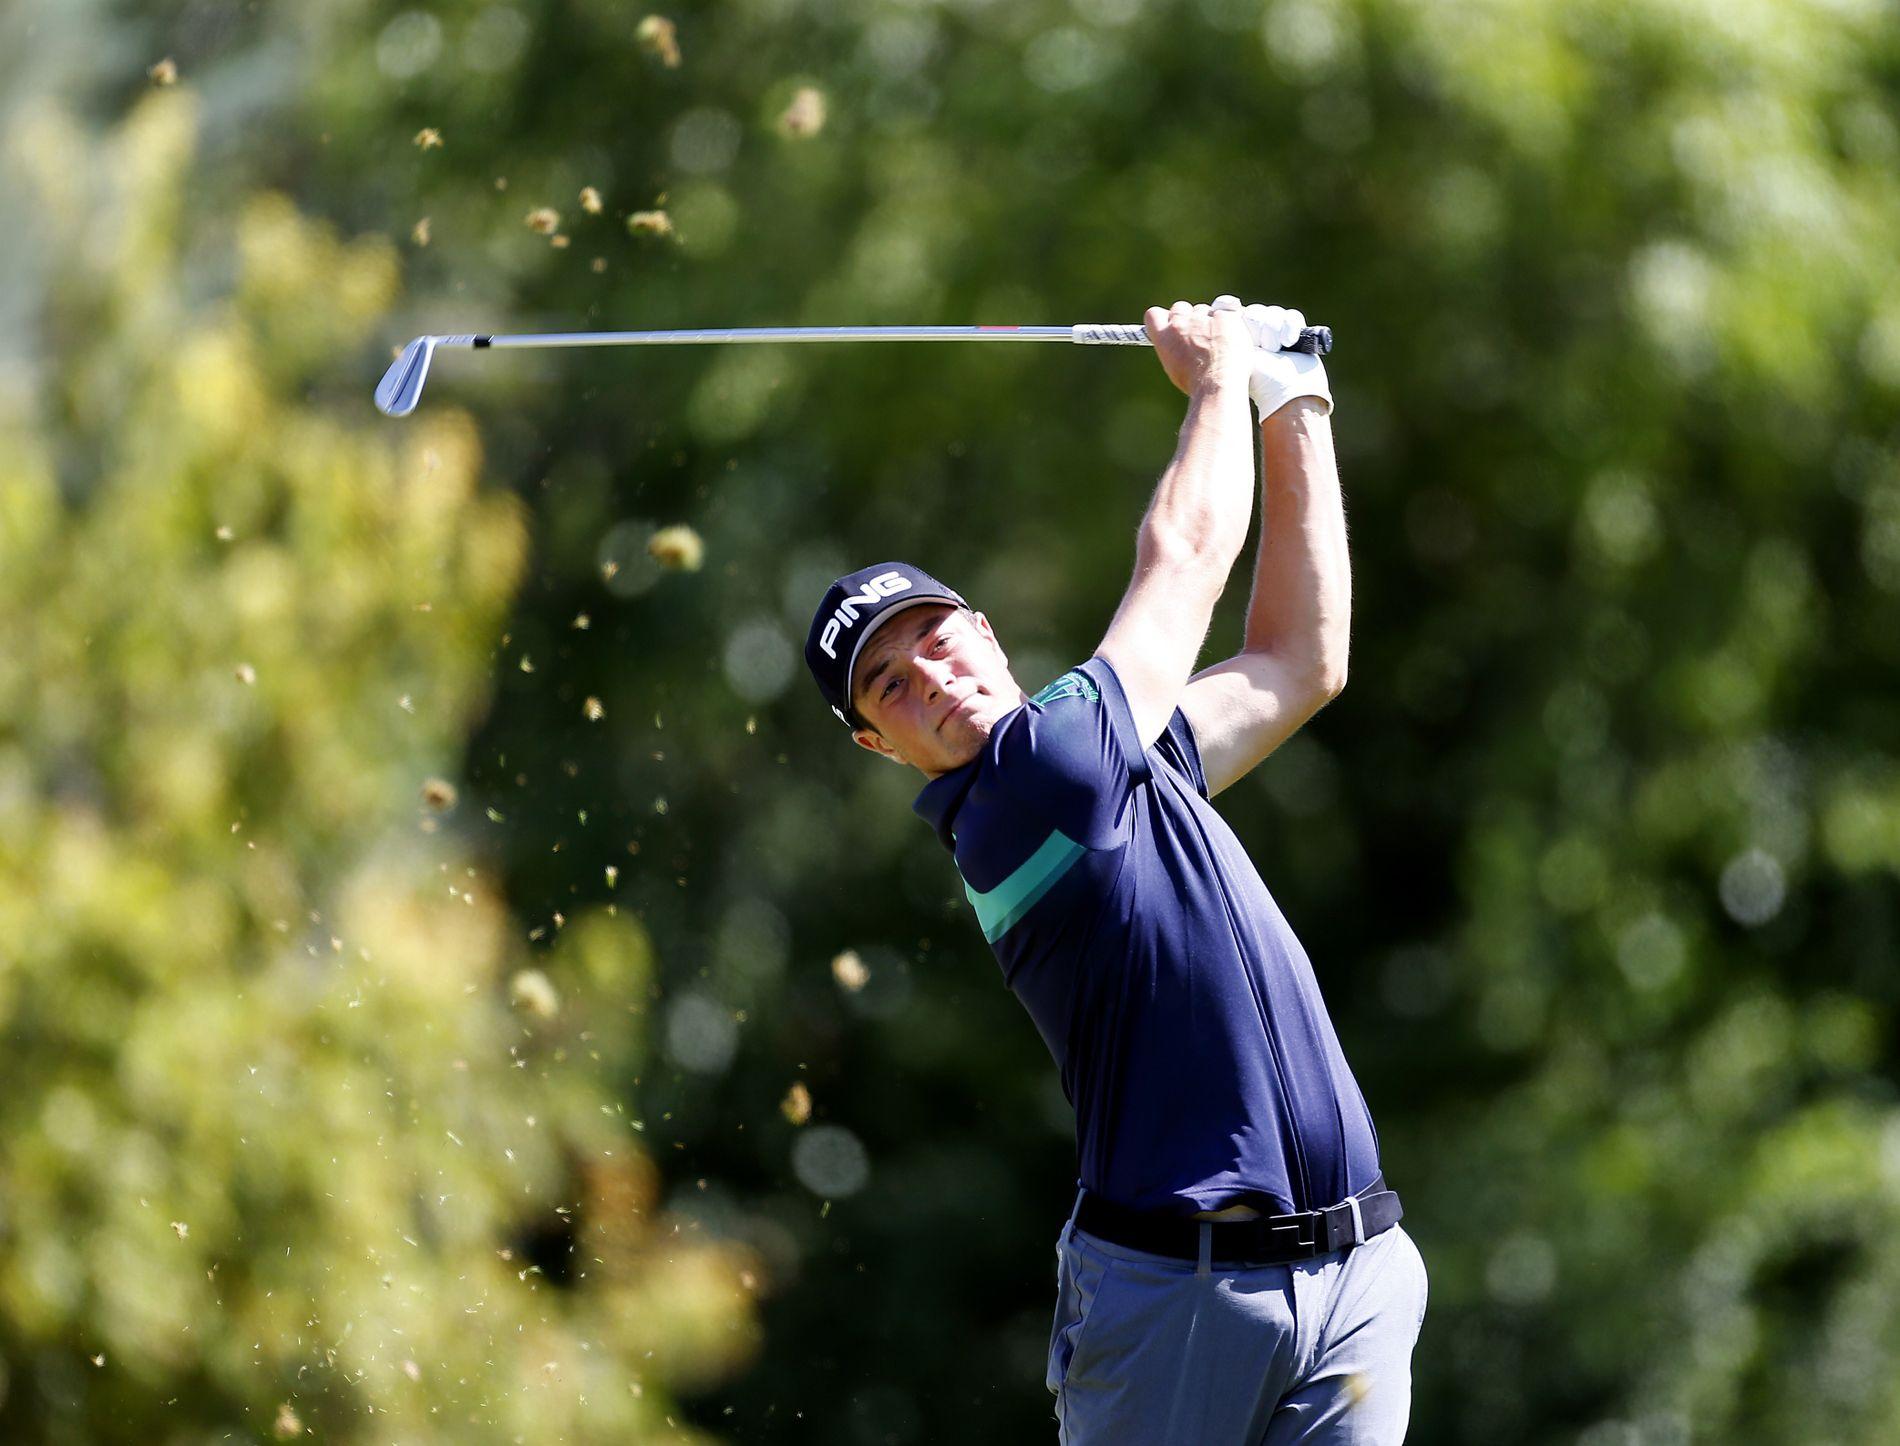 MOT GOLFTOPPEN: Viktor Hovland åpnet solid i den nest siste turneringen på veien mot en mulig plass på PGA-touren.